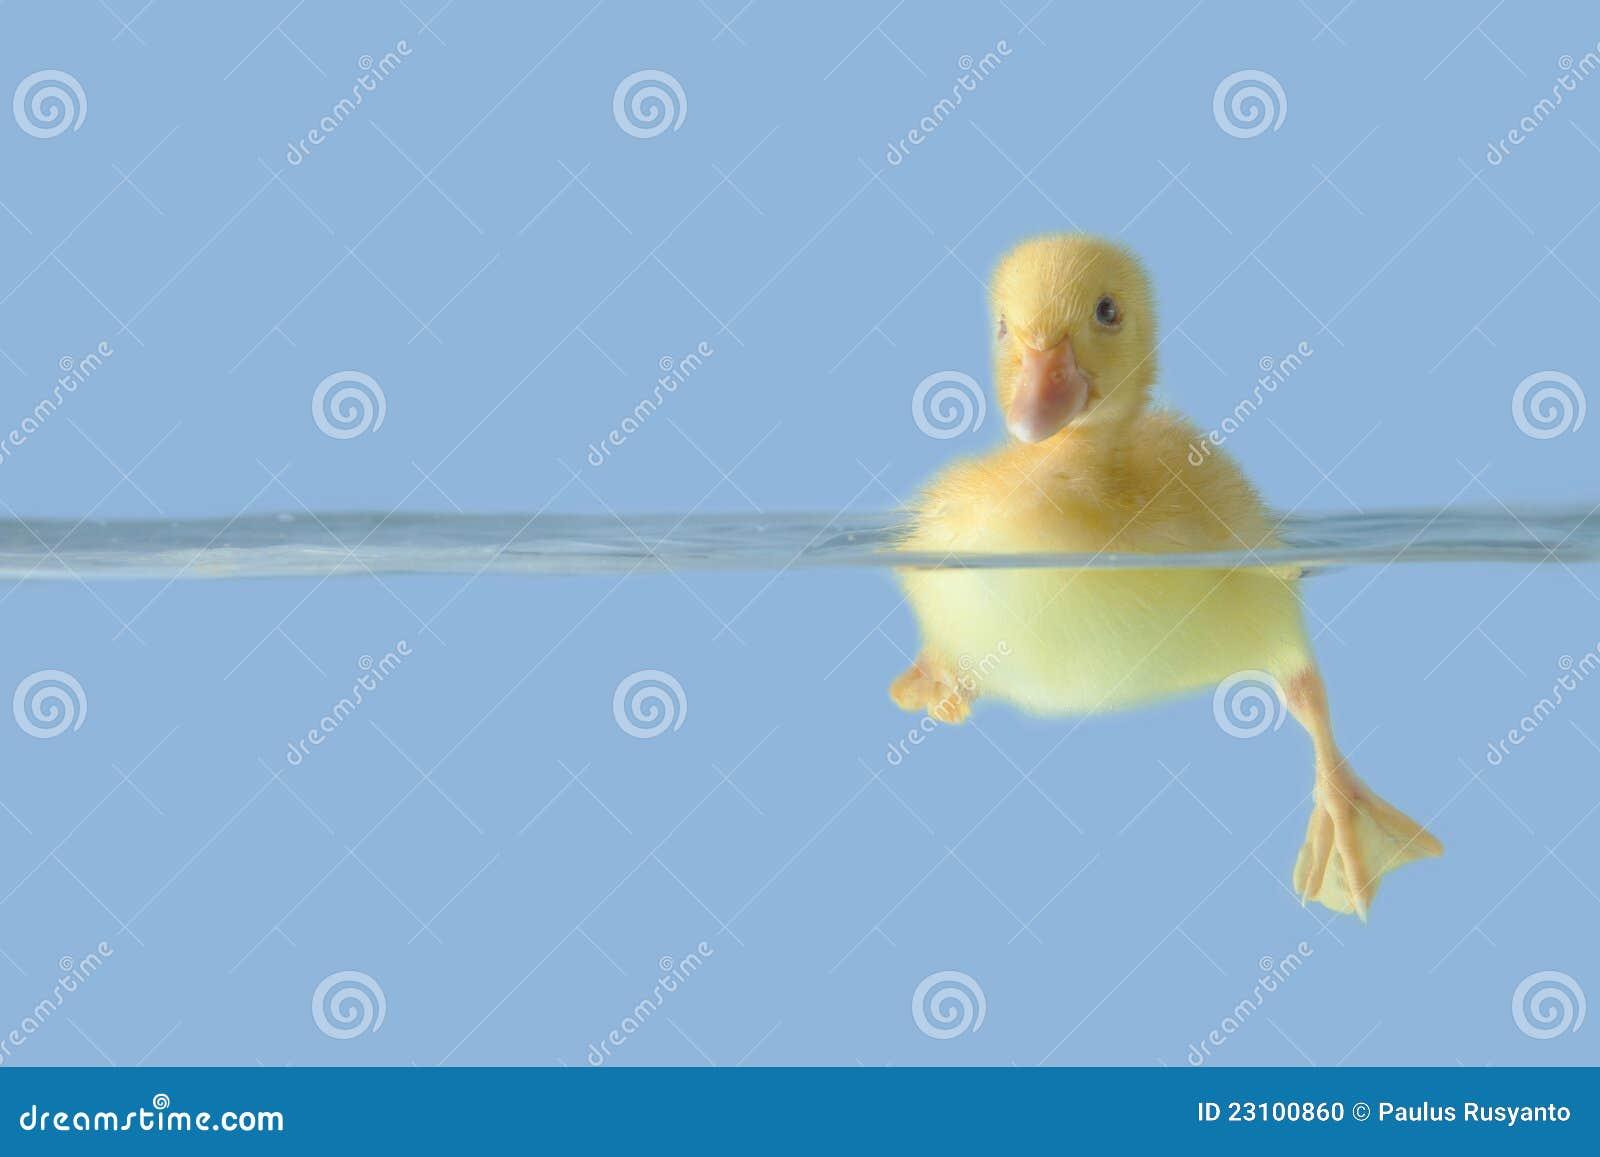 Nette Ente auf dem Wasser über blauem Hintergrund